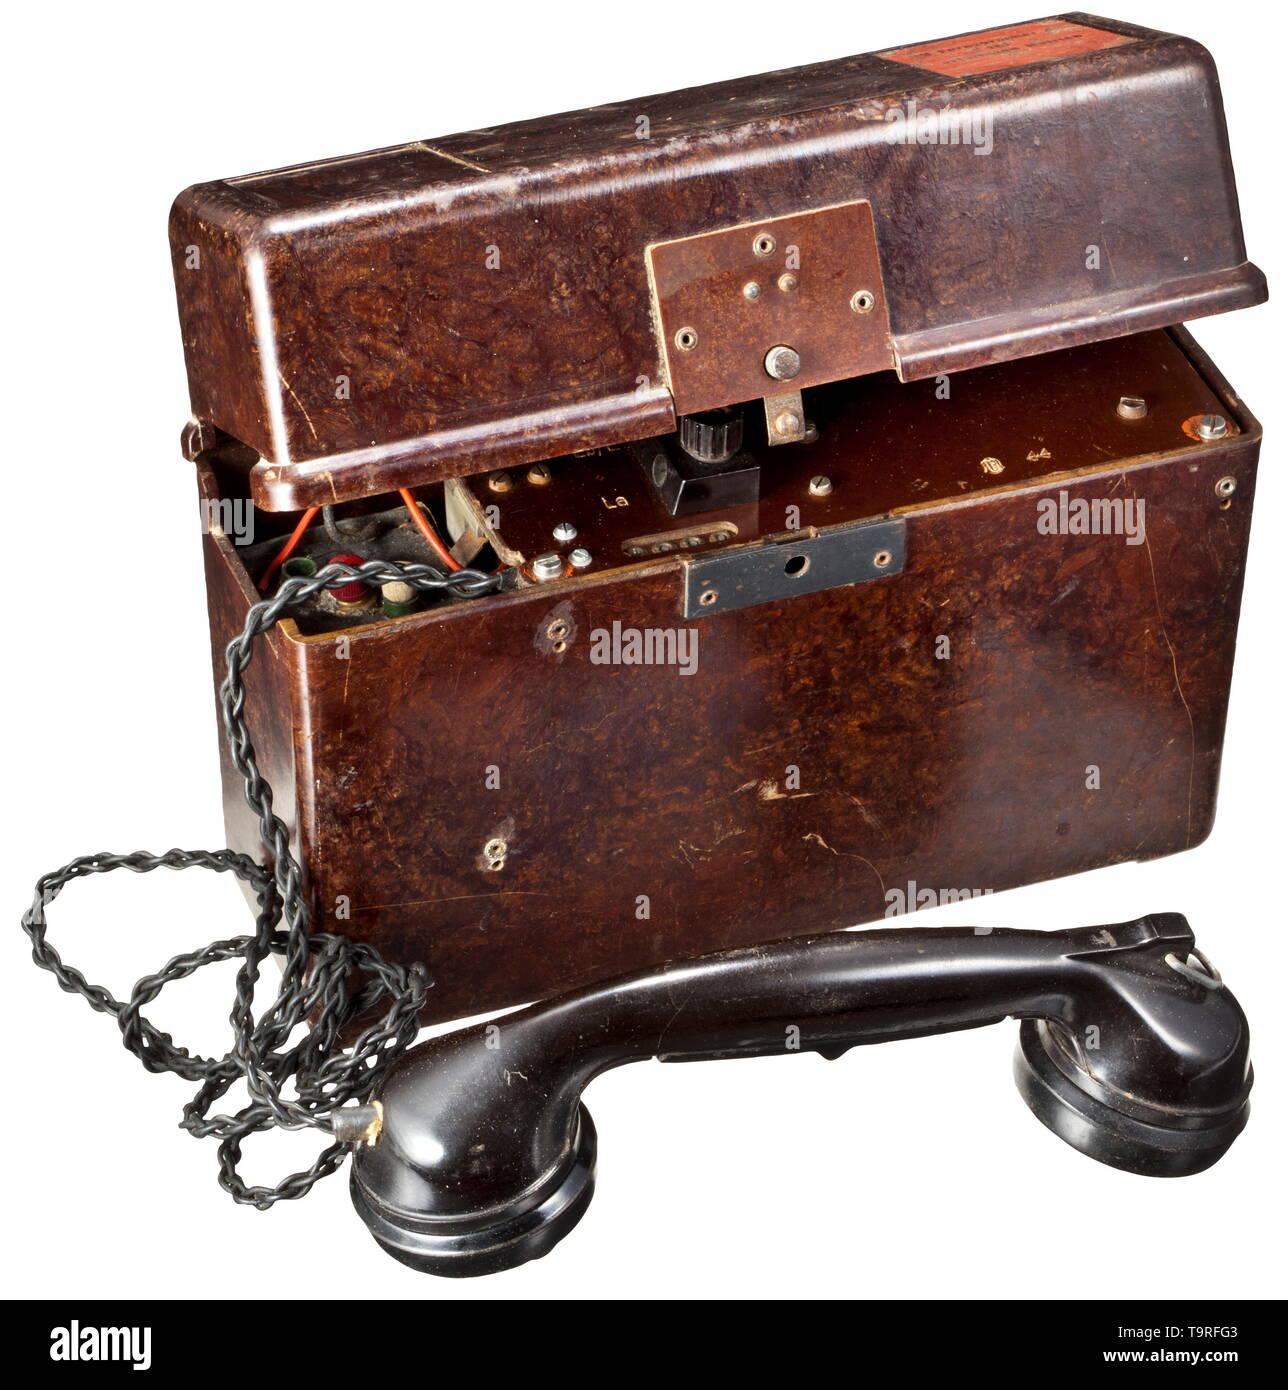 A stationary battery OB (Ortsbatterie) for communications unit 43 (non-portable) Braunes Bakelitgehäuse mit rotem Typenschild, Einsatz mit Stempelung von 1944, komplett mit Hörer, den beiden Rändelschrauben für die Anschlüsse und dazugehöriger(?) Batterie. Kurbel fehlt. Vollständigkeit und Funktion nicht überprüft. historic, historical, 20th century, Editorial-Use-Only - Stock Image